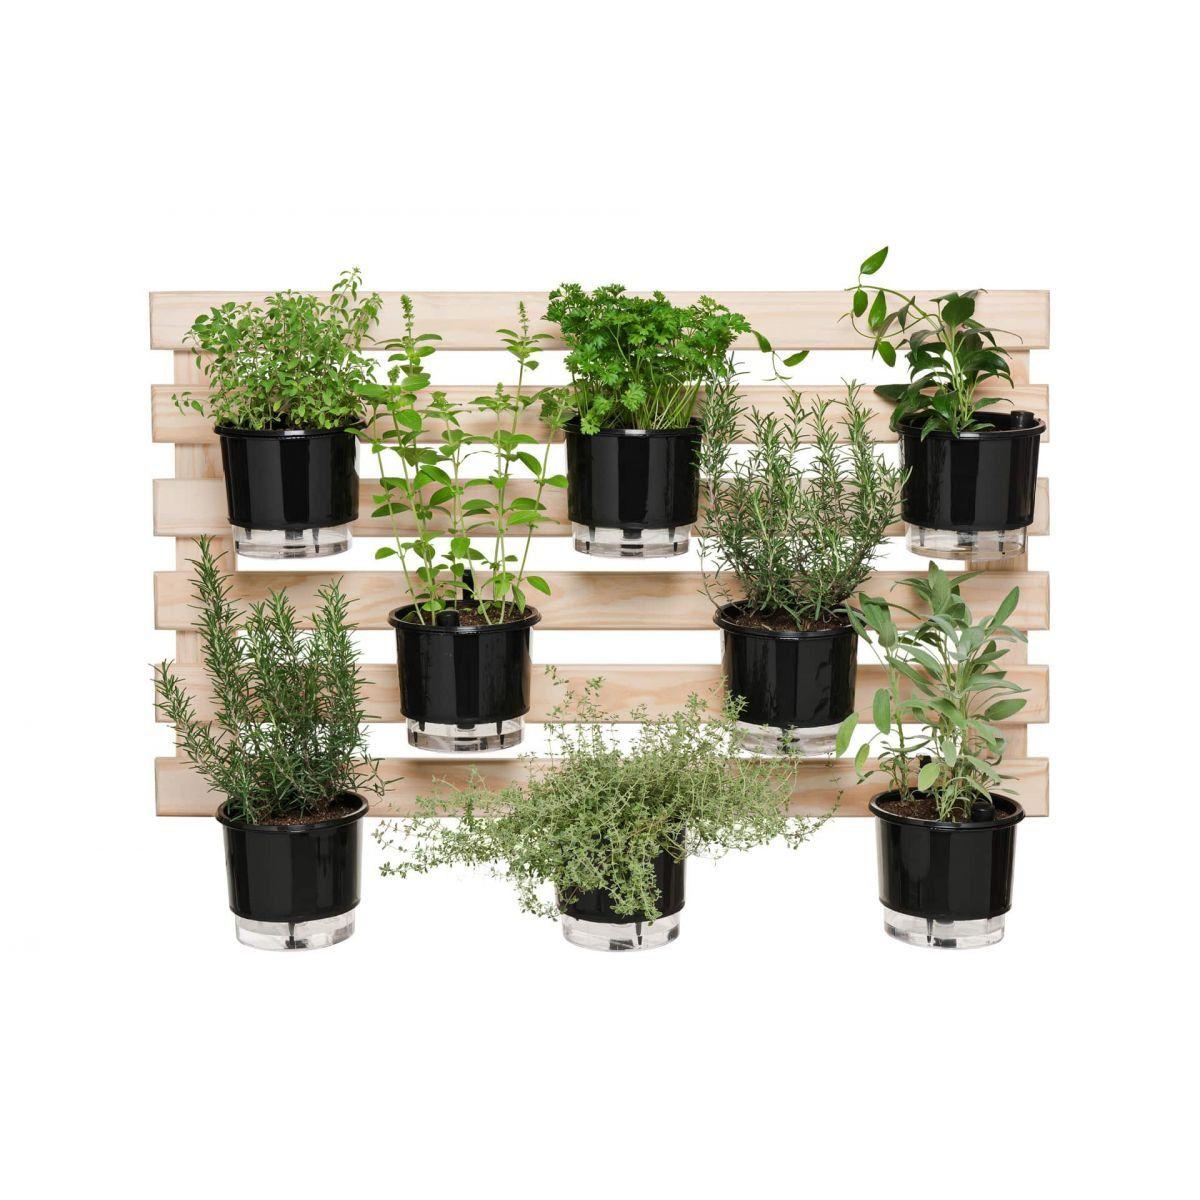 Kit Horta Vertical 8 Vasos Preto 60cm x 100cm Acompanha: Treliça + Vasos + Suportes + Substratos + Sementes